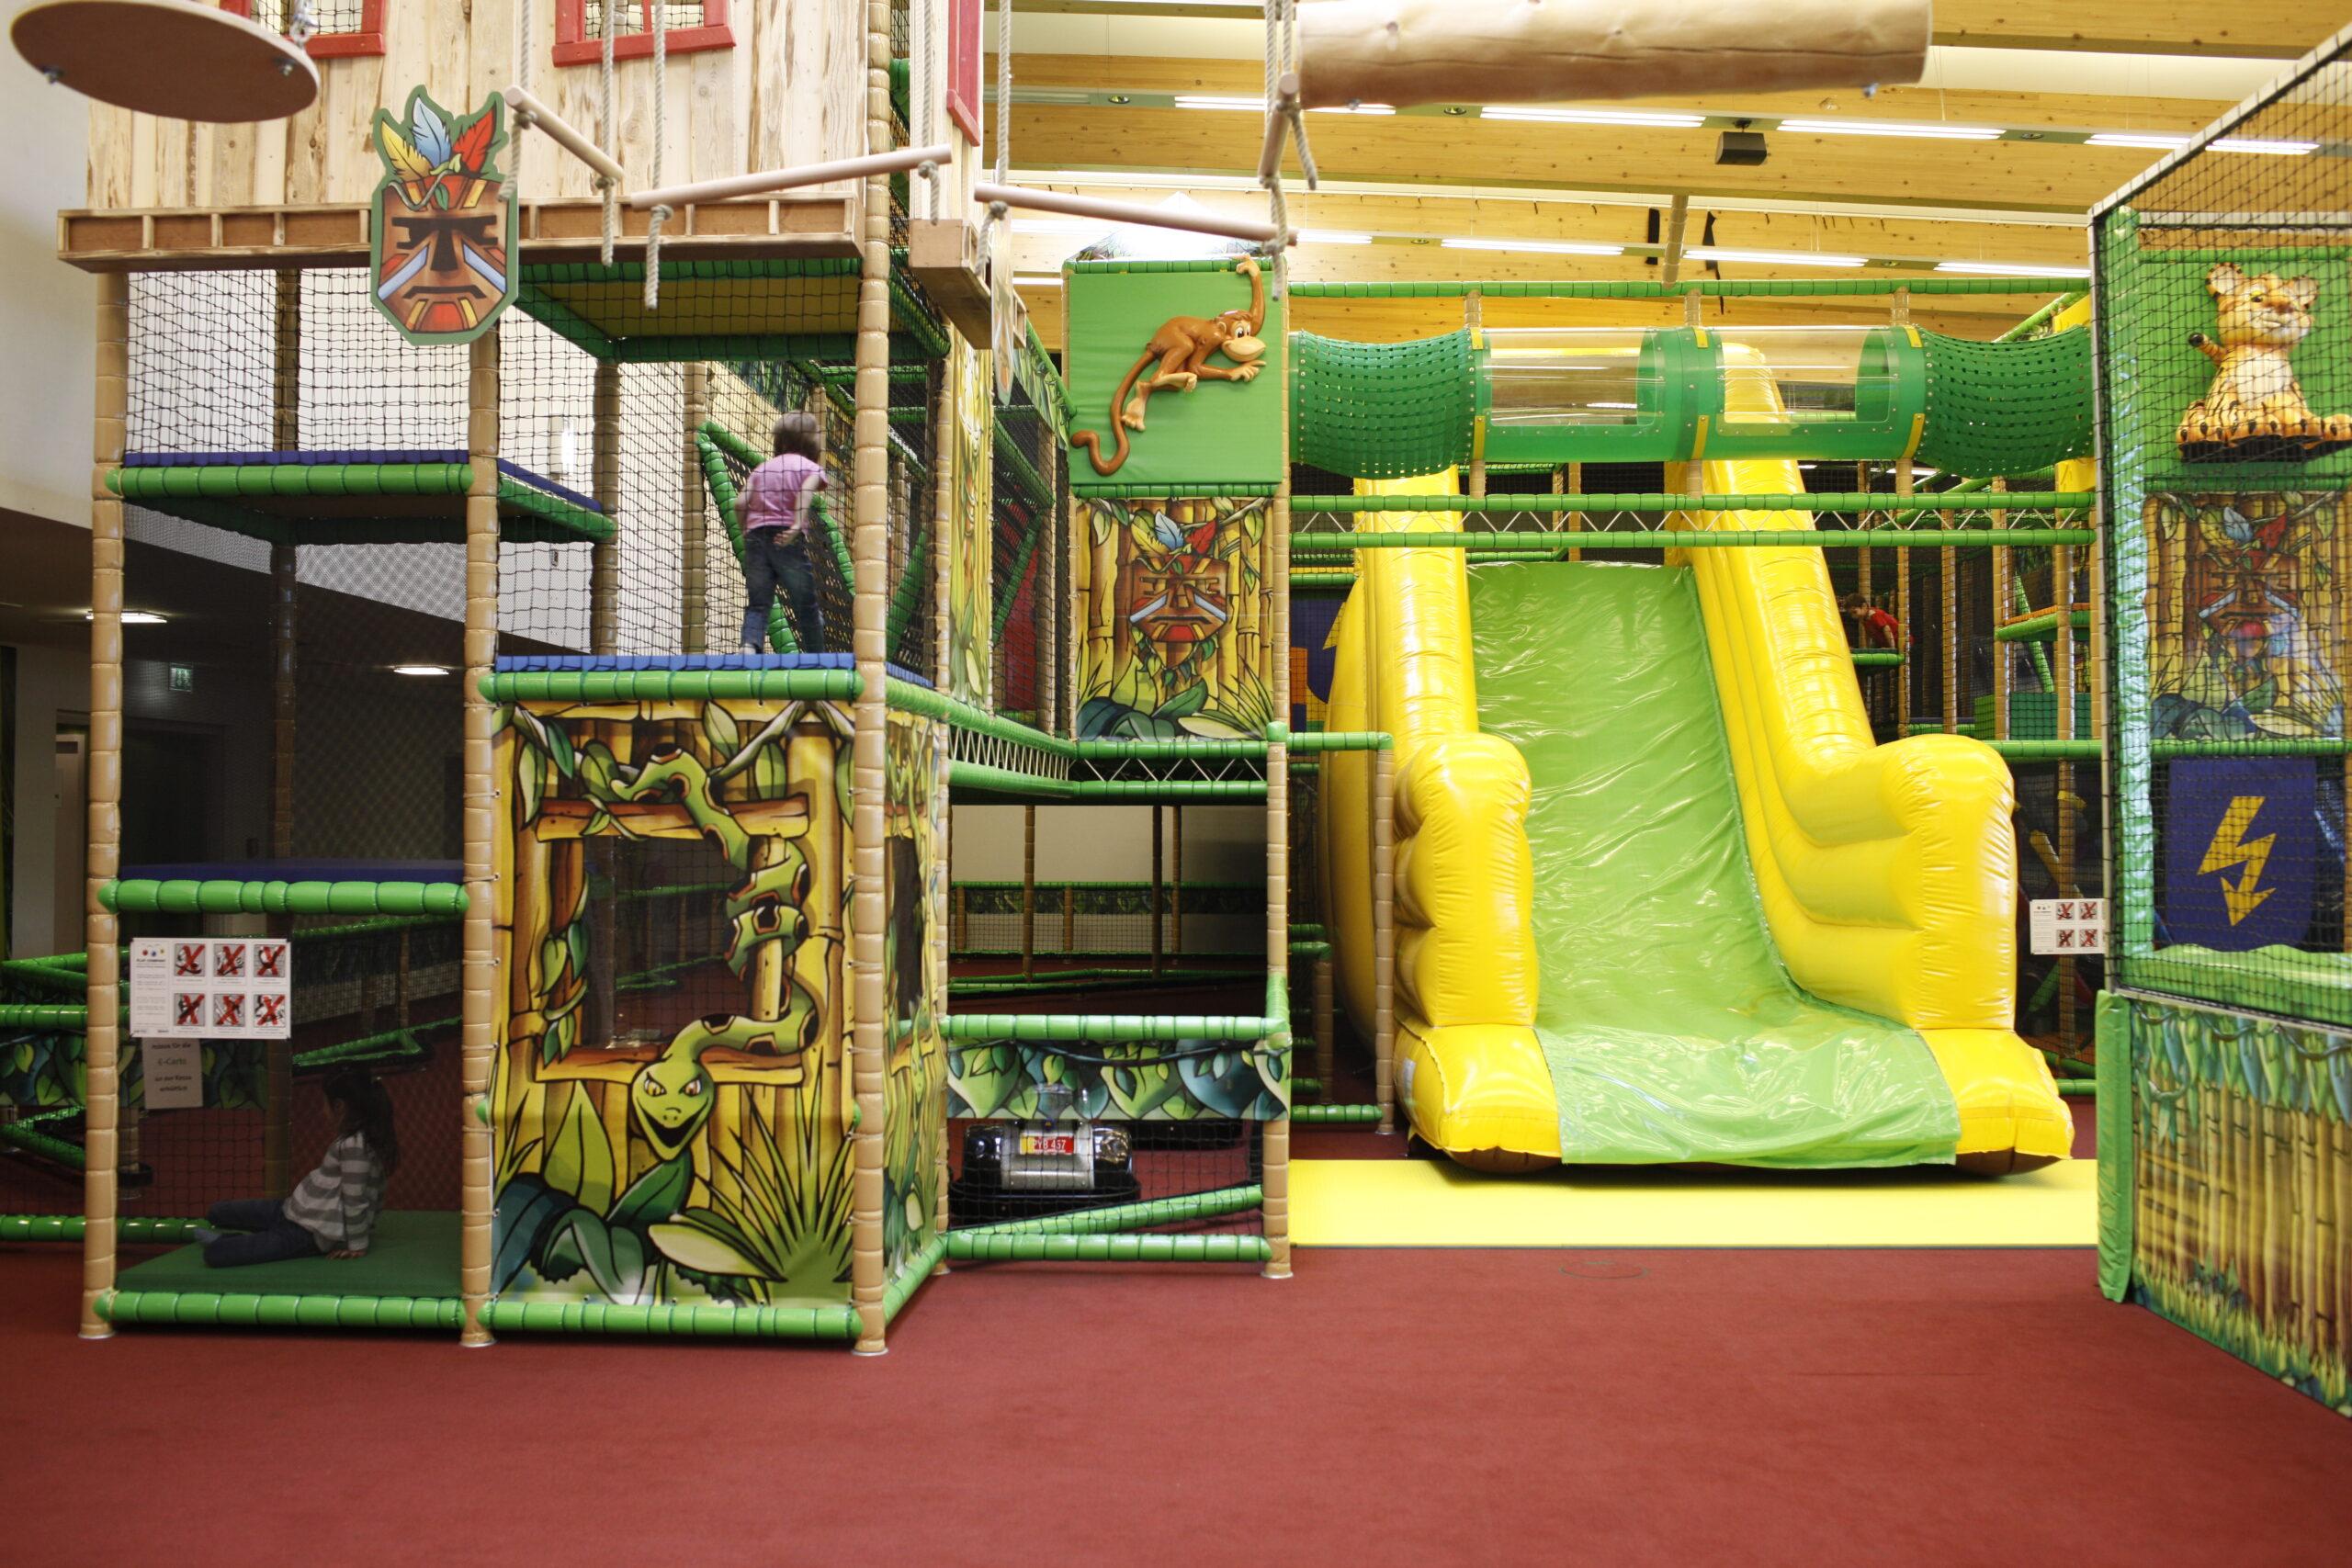 Full Size of Indoor Spielplatz Monki Park Kinderinfo Klettergerüst Garten Wohnzimmer Klettergerüst Indoor Diy